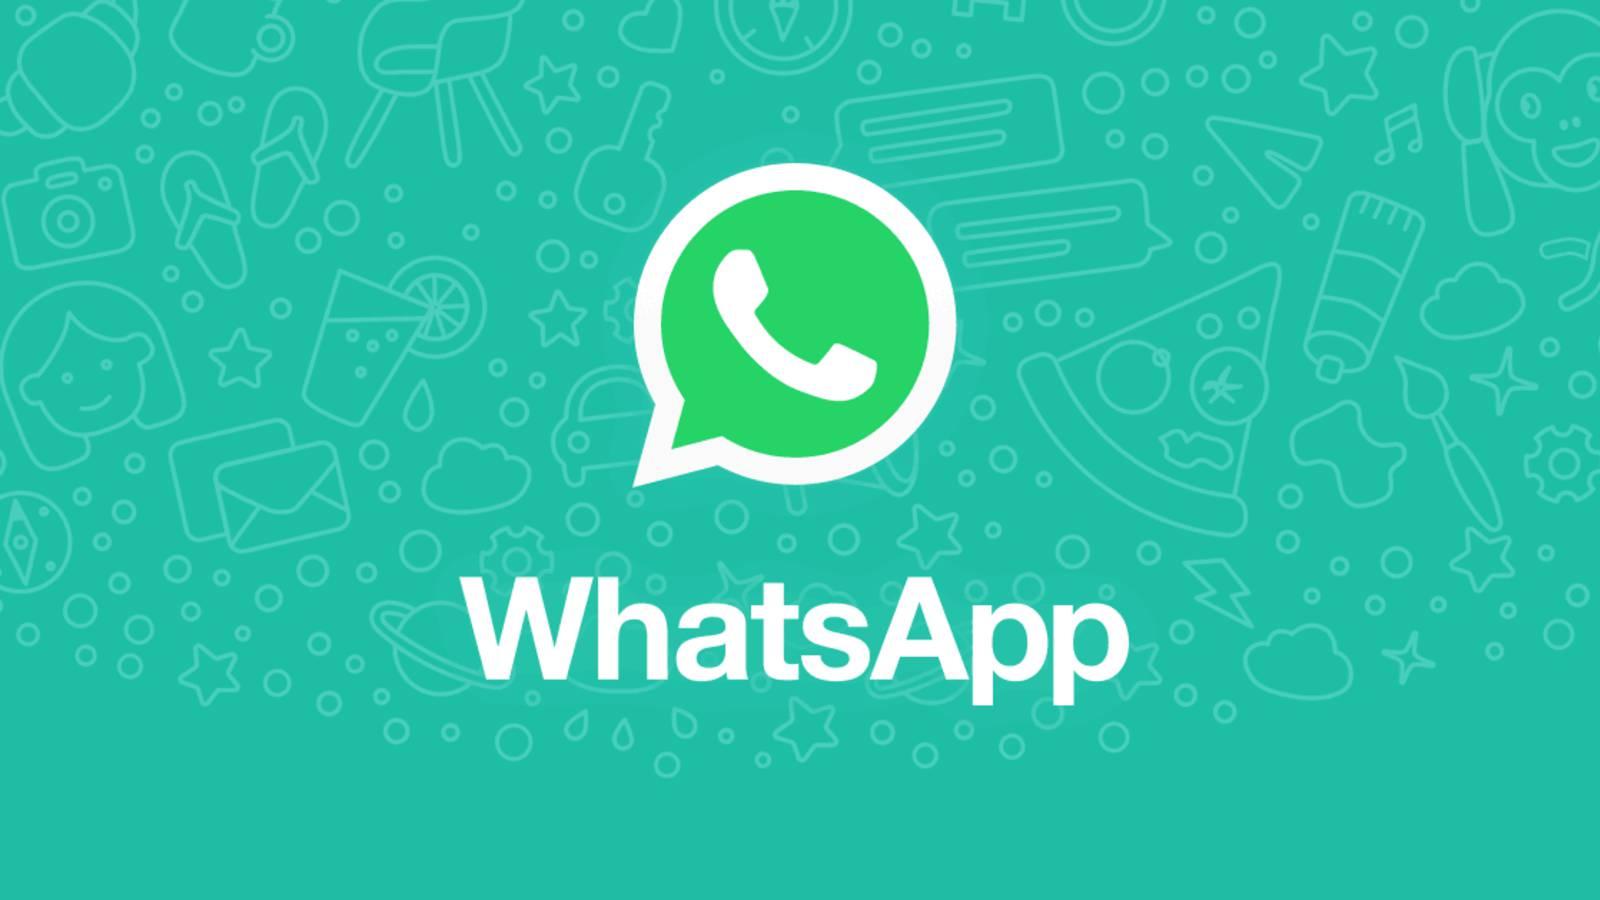 WhatsApp Cum BLOCHEZI WhatsApp Contacte FARA ele STIE